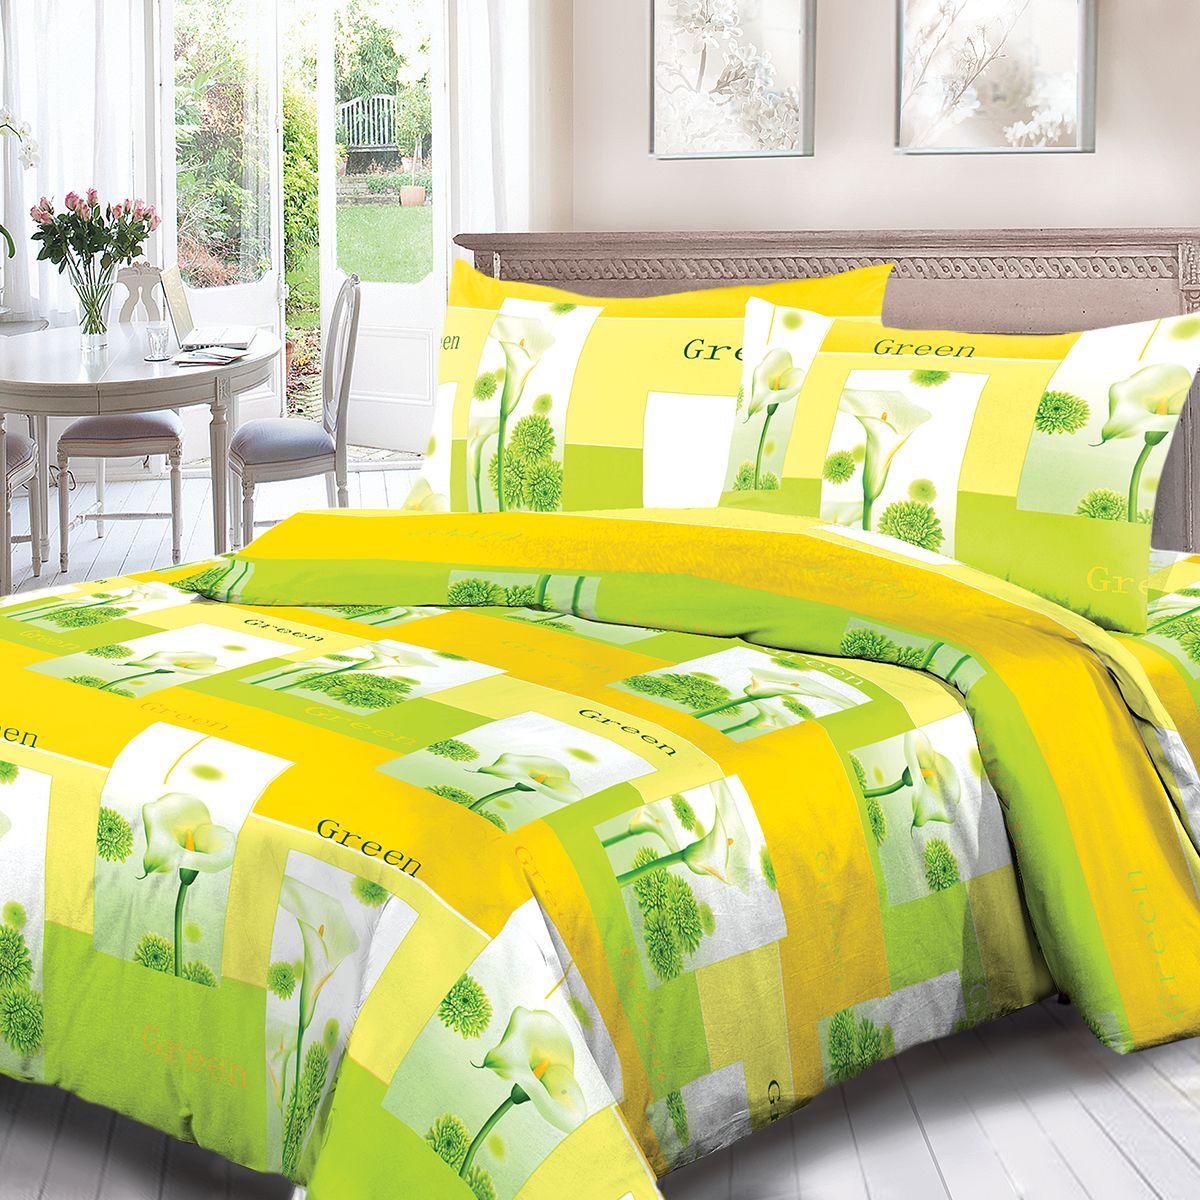 Комплект белья Для Снов Green, 2-х спальное, наволочки 70x70, цвет: желтый. 1537-384345